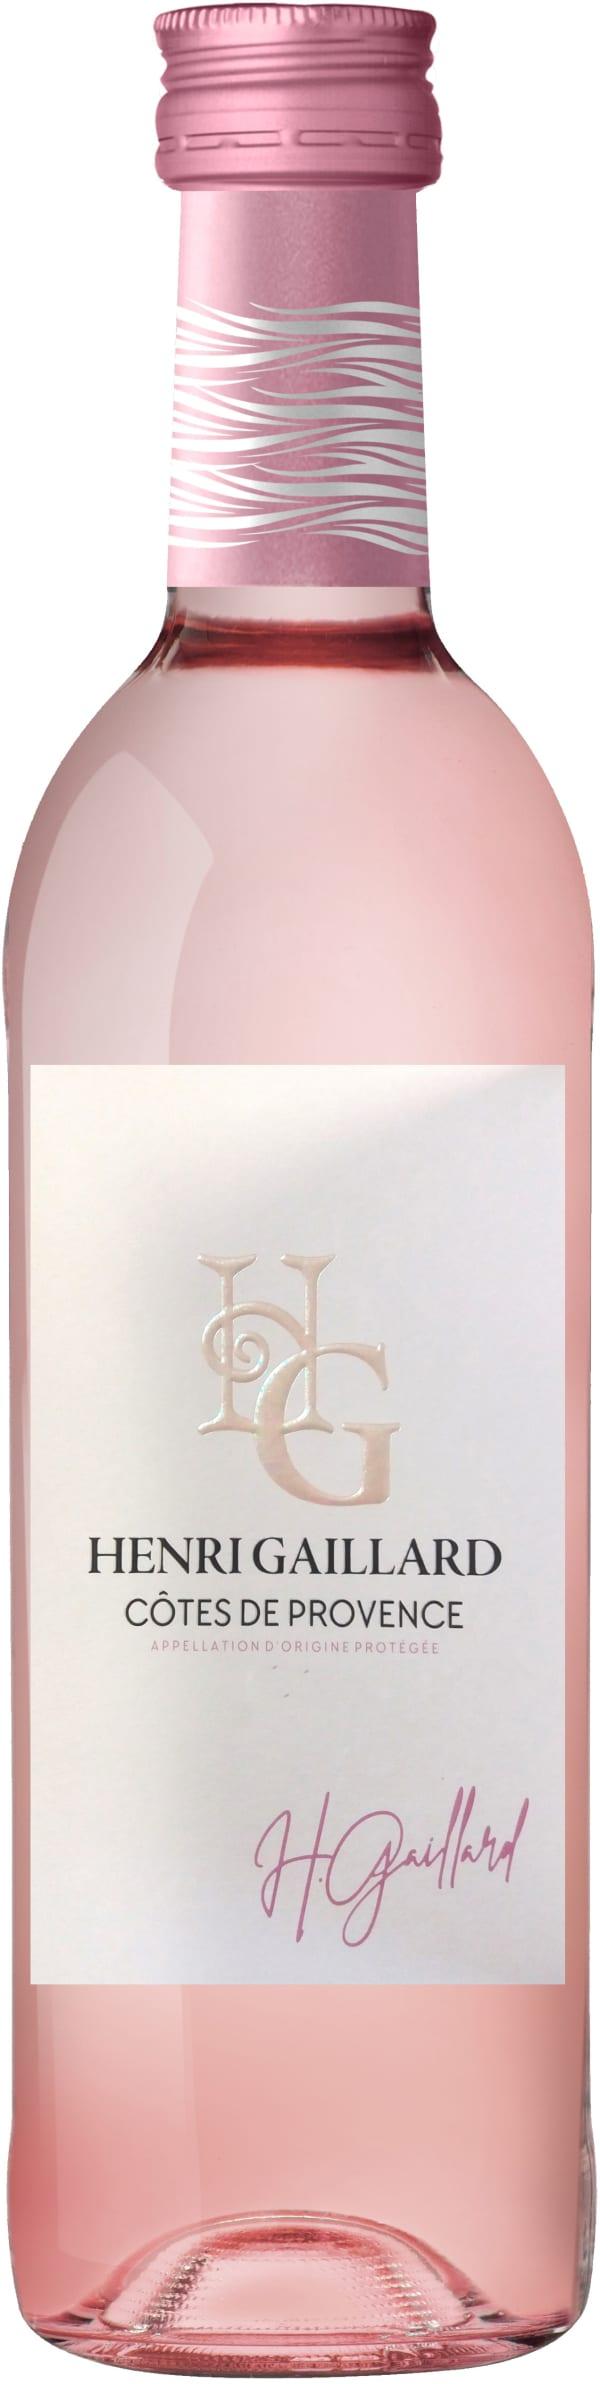 Henri Gaillard Côtes de Provence Rosé 2016